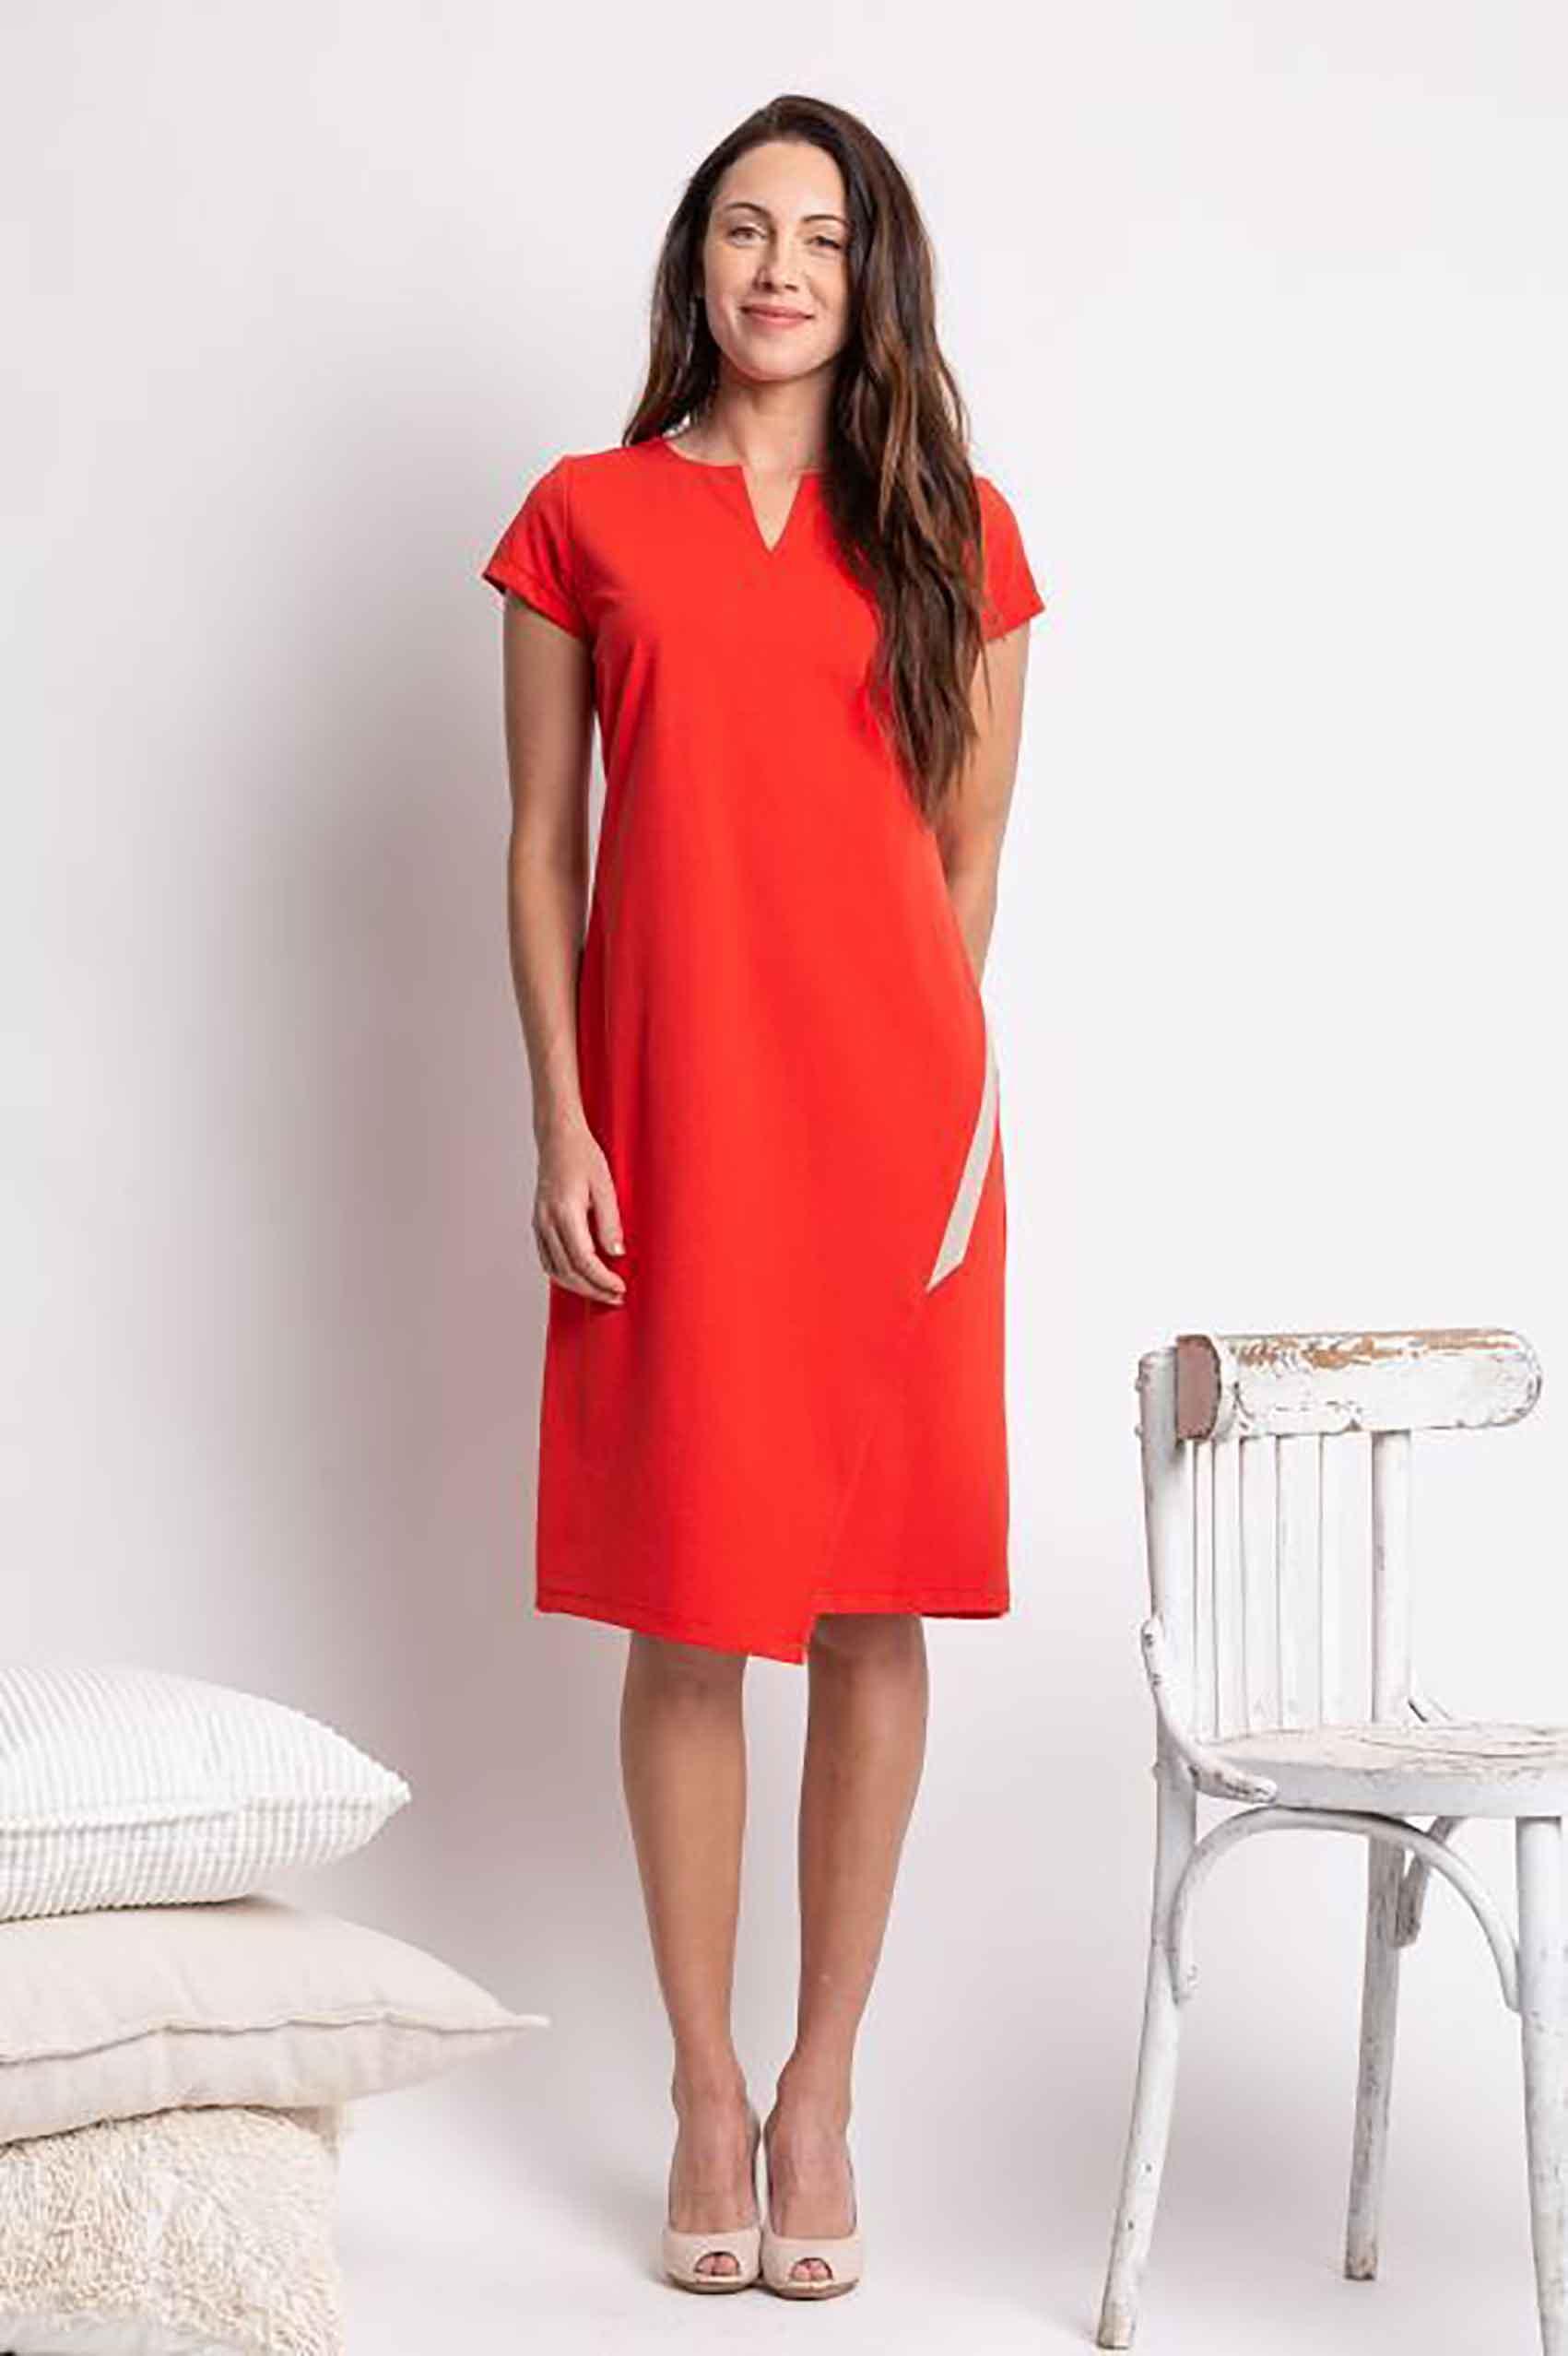 FLO-BY-ELLA-BRAITMAN-חדשות-האופנה-שמלה